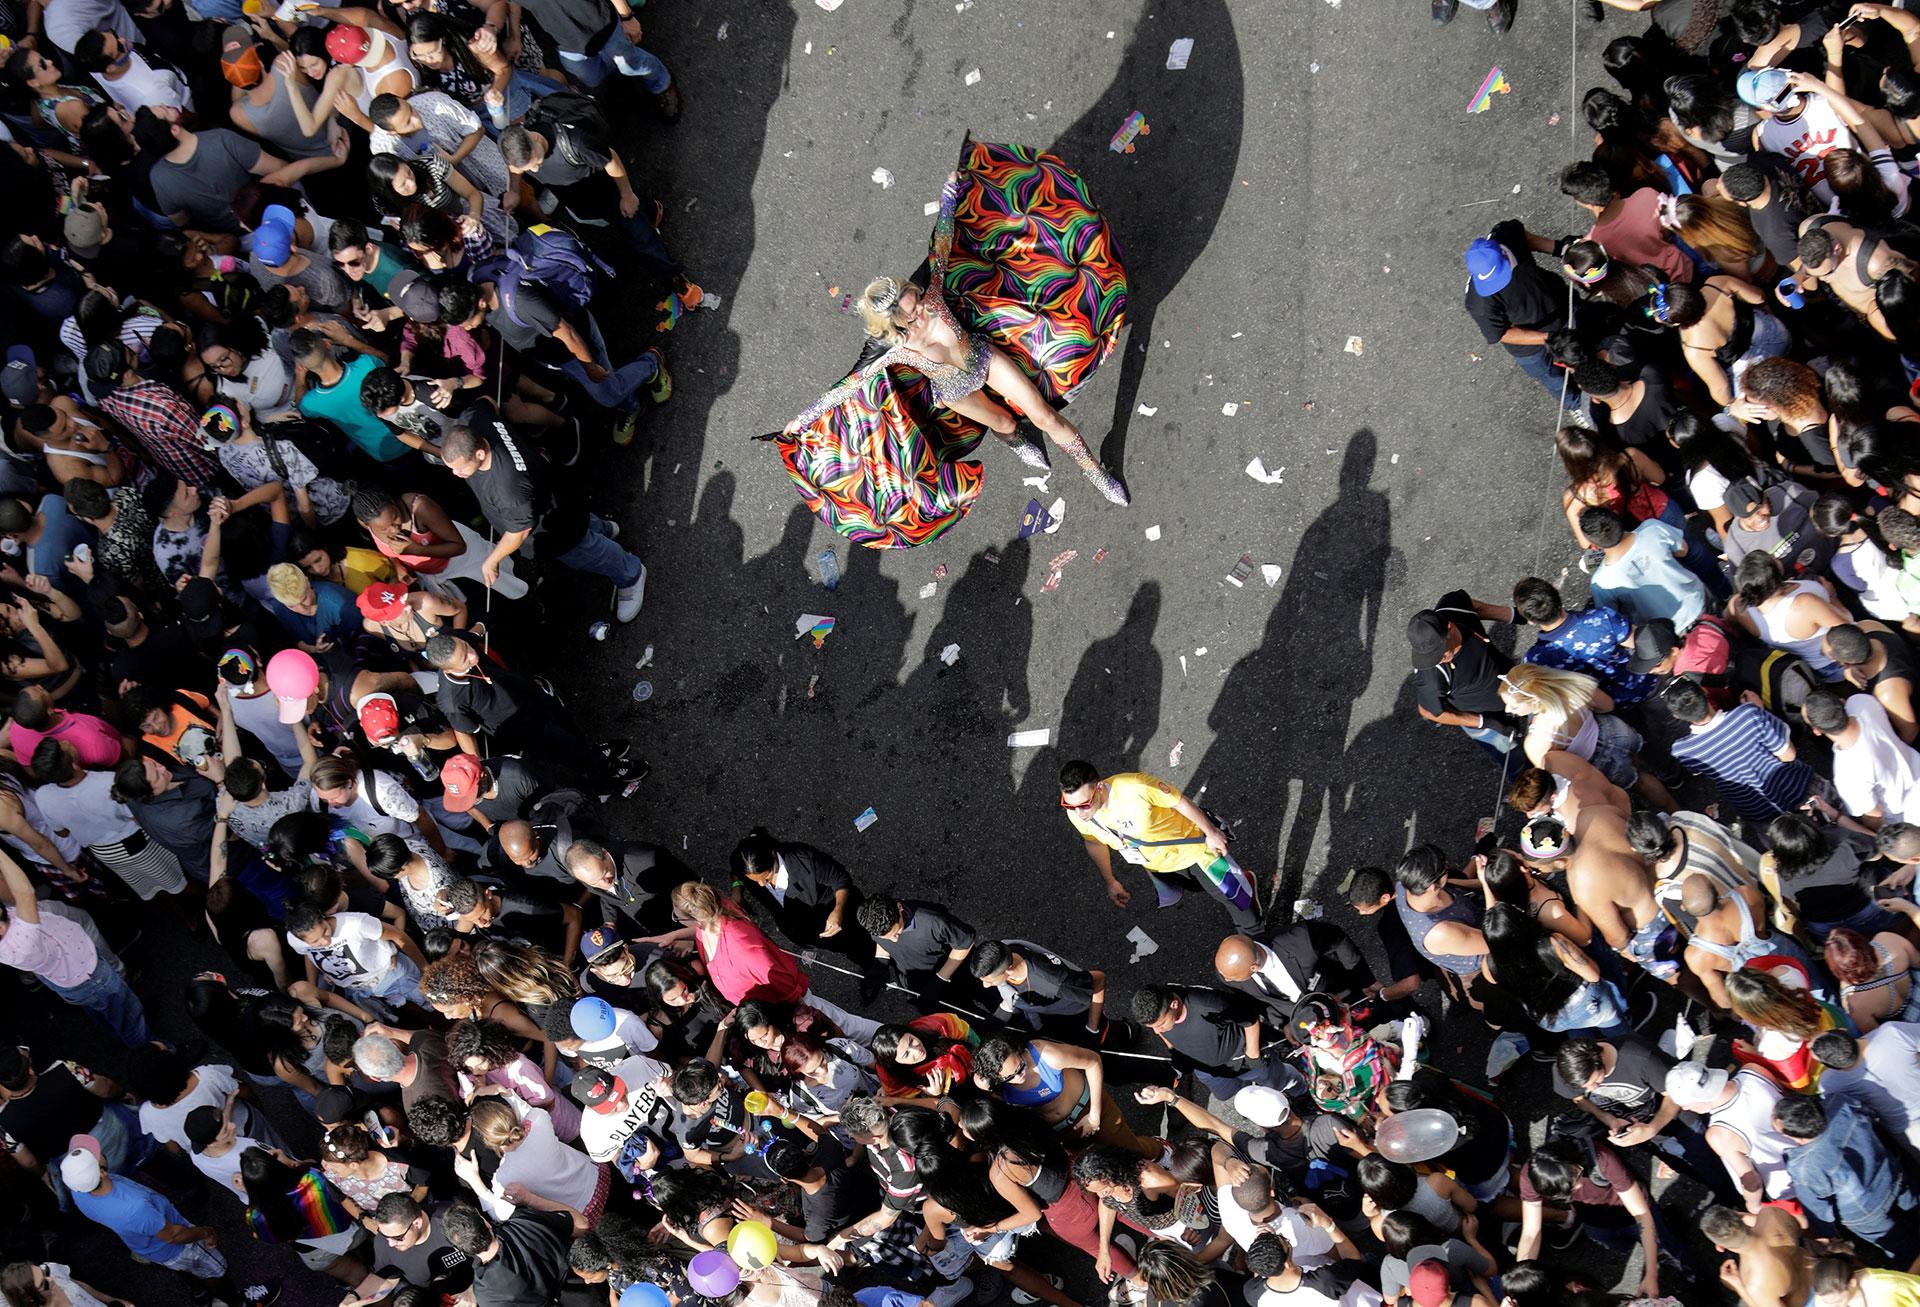 La masiva movilización en defensa de los derechos de los homosexuales en la mayor ciudad de Brasil, sin embargo, no oculta que este es uno de los países que más registran homicidios y agresiones en el mundo por discriminación contra los homosexuales